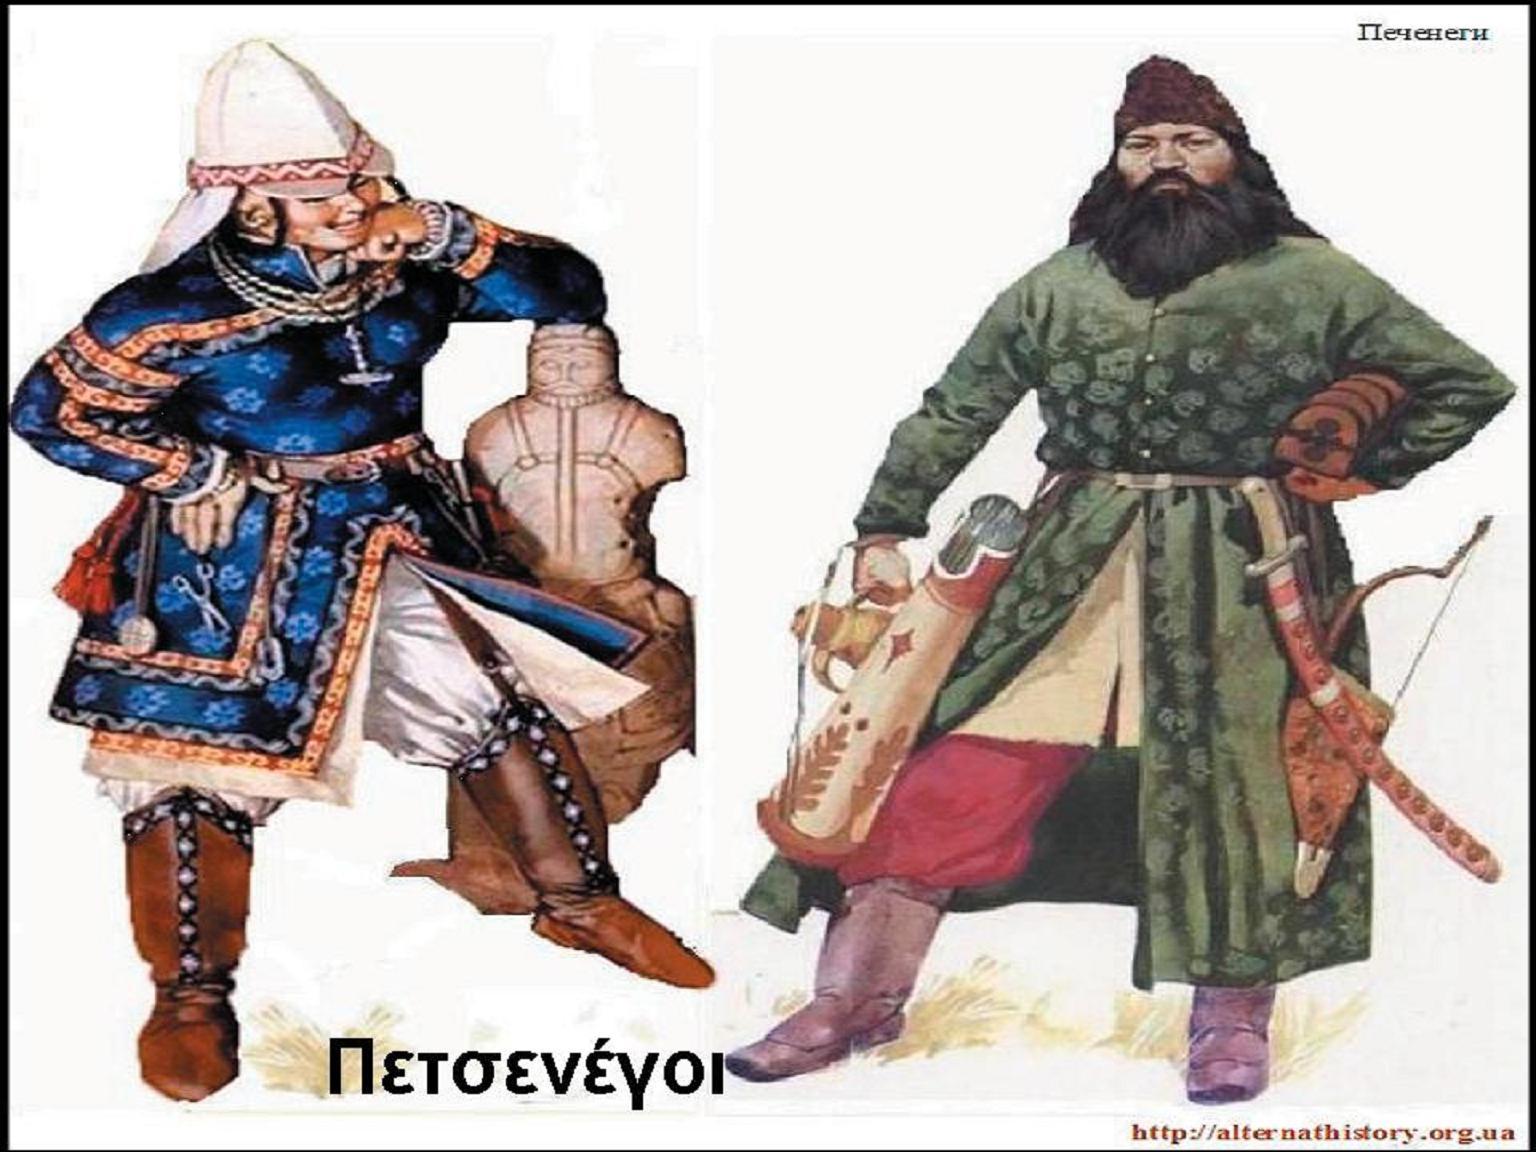 Πῶς οἱ Κουμάνοι ἔσφαξαν τοὺς Πετσενέγους.